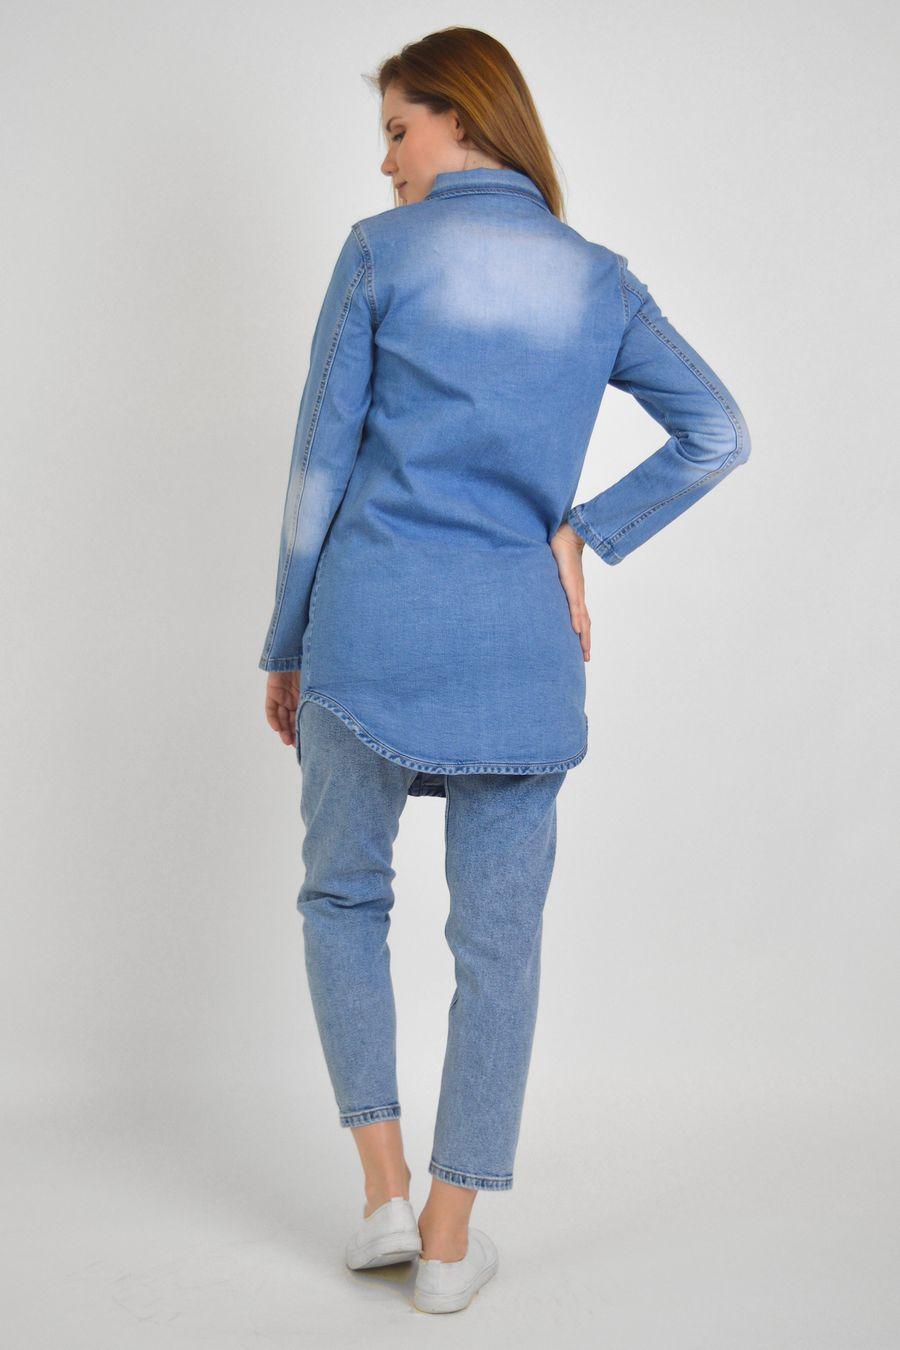 Рубашка женская Baccino 637 джинсовая - фото 5